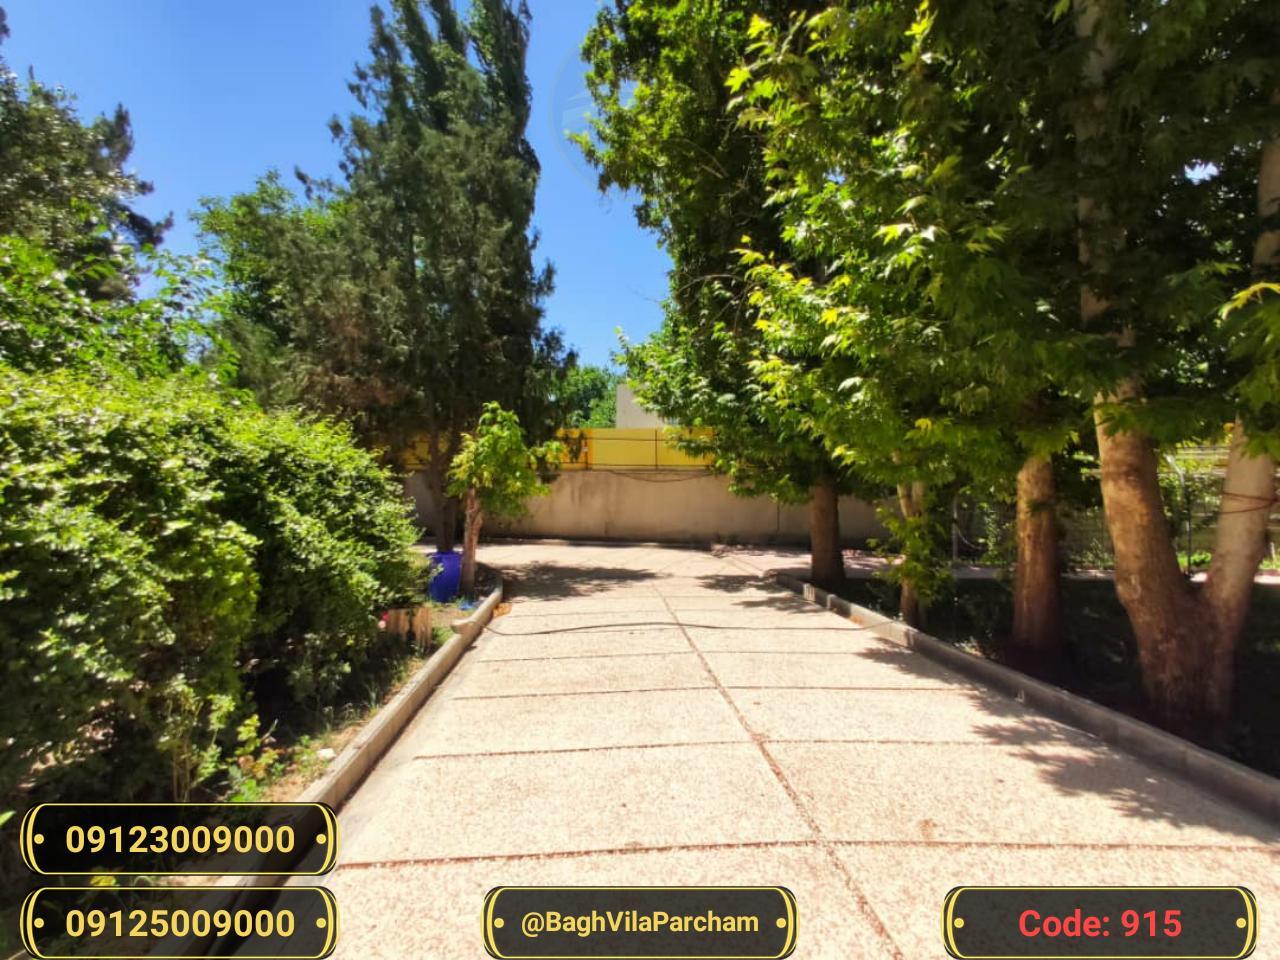 تصویر عکس باغ ویلا شماره 24 از ویلای ۵۶۵۰ متر ویلا کلاسیک تریبلکس Picture photo image 24 of ۵۶۵۰ متر ویلا کلاسیک تریبلکس